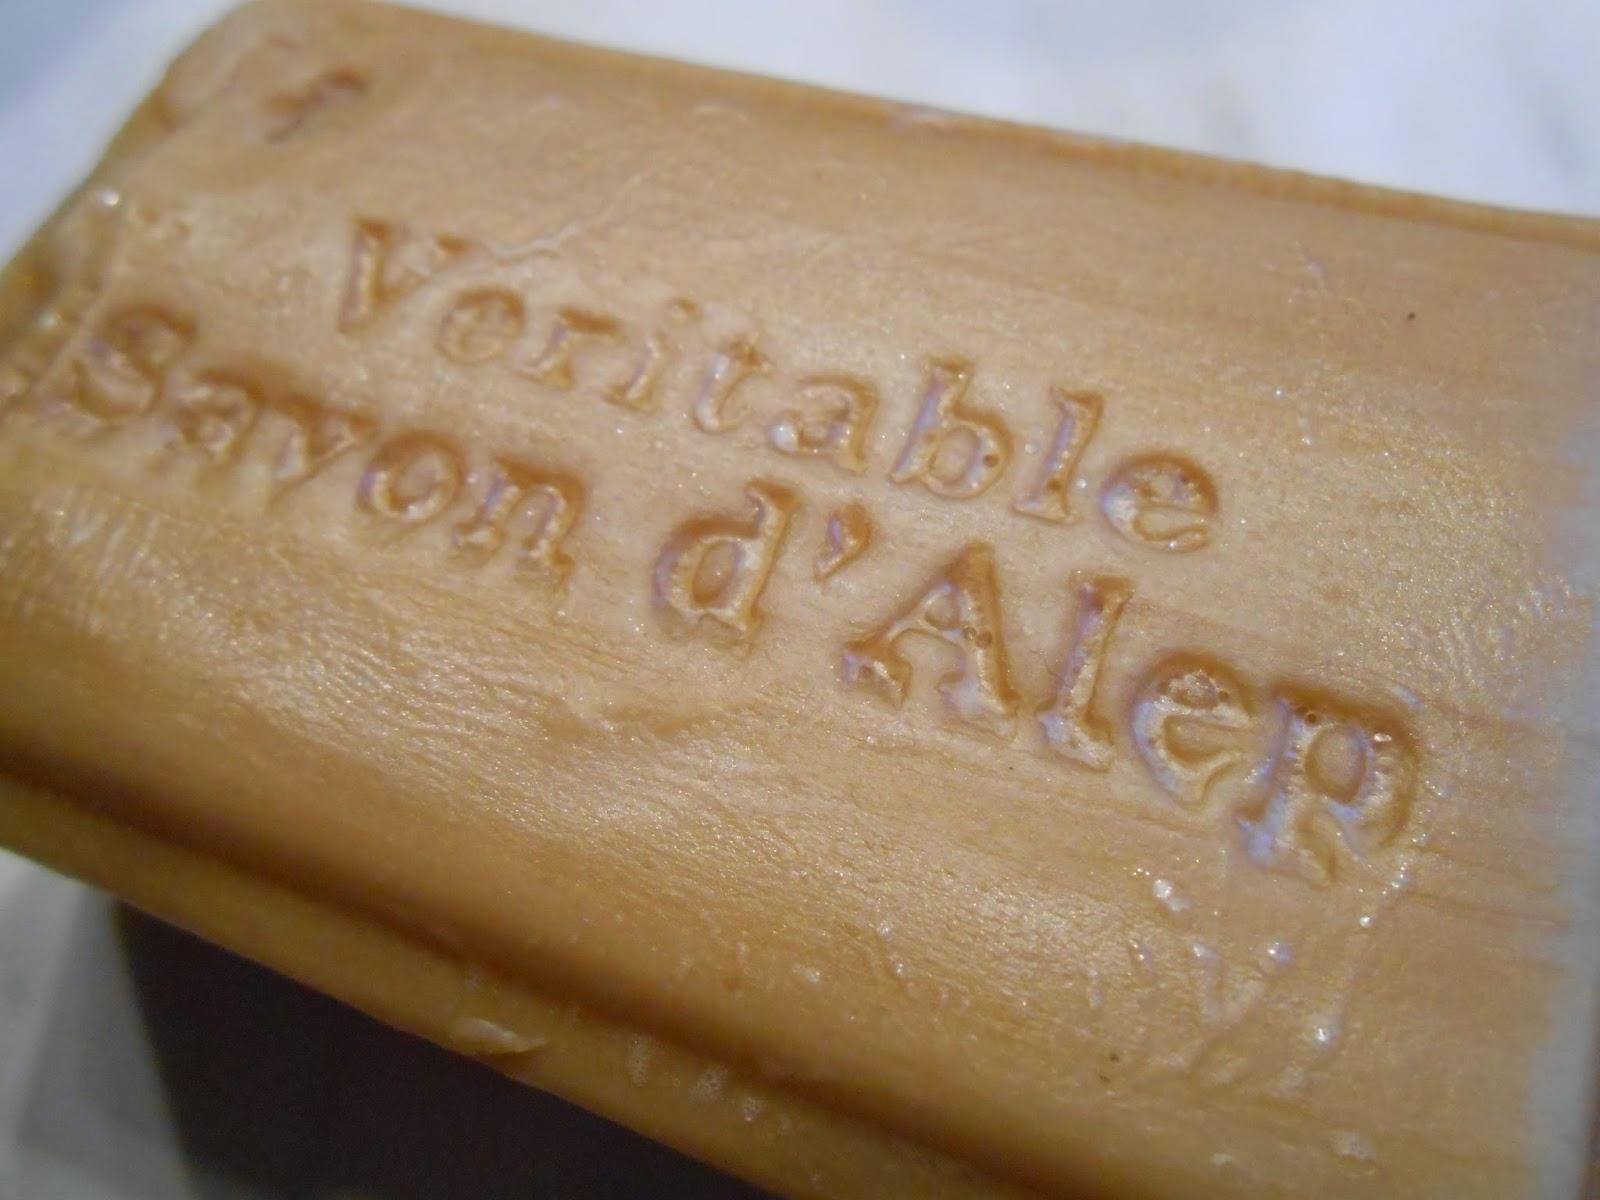 Nettoyer son visage naturellement avec le savon d 39 alep paperblog - Nettoyer son four naturellement ...